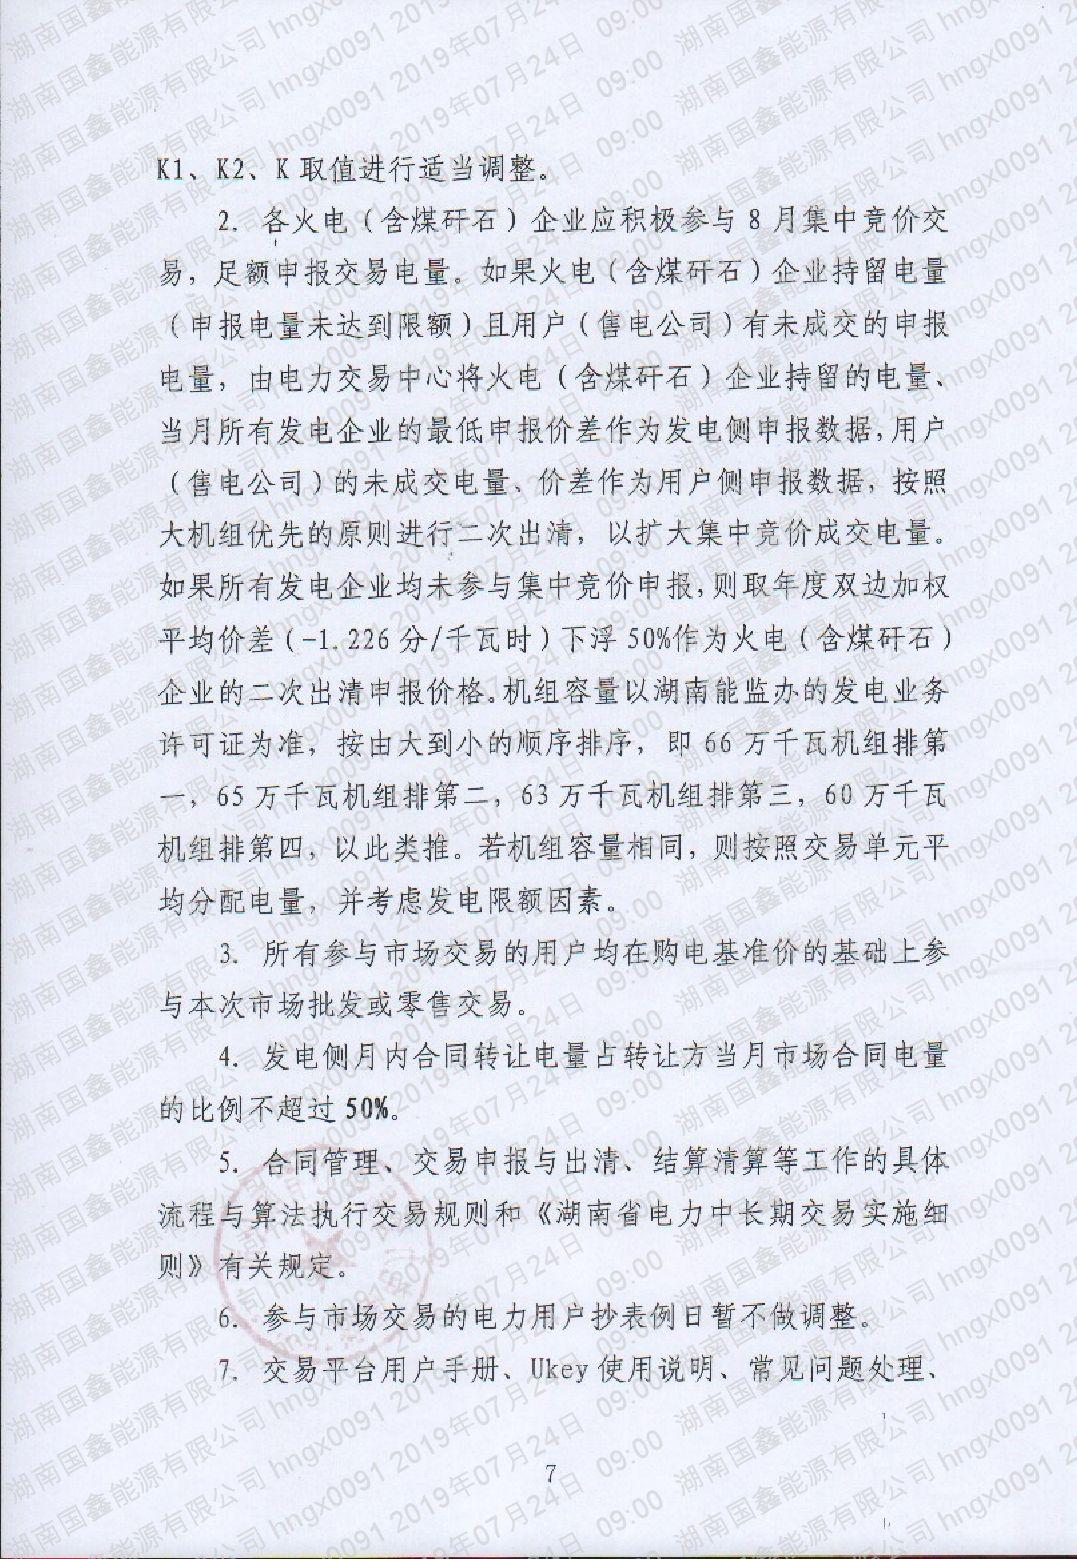 2019年8月湖南電力市場交易的公告(2019年16號).pdf_page_7_compressed.jpg